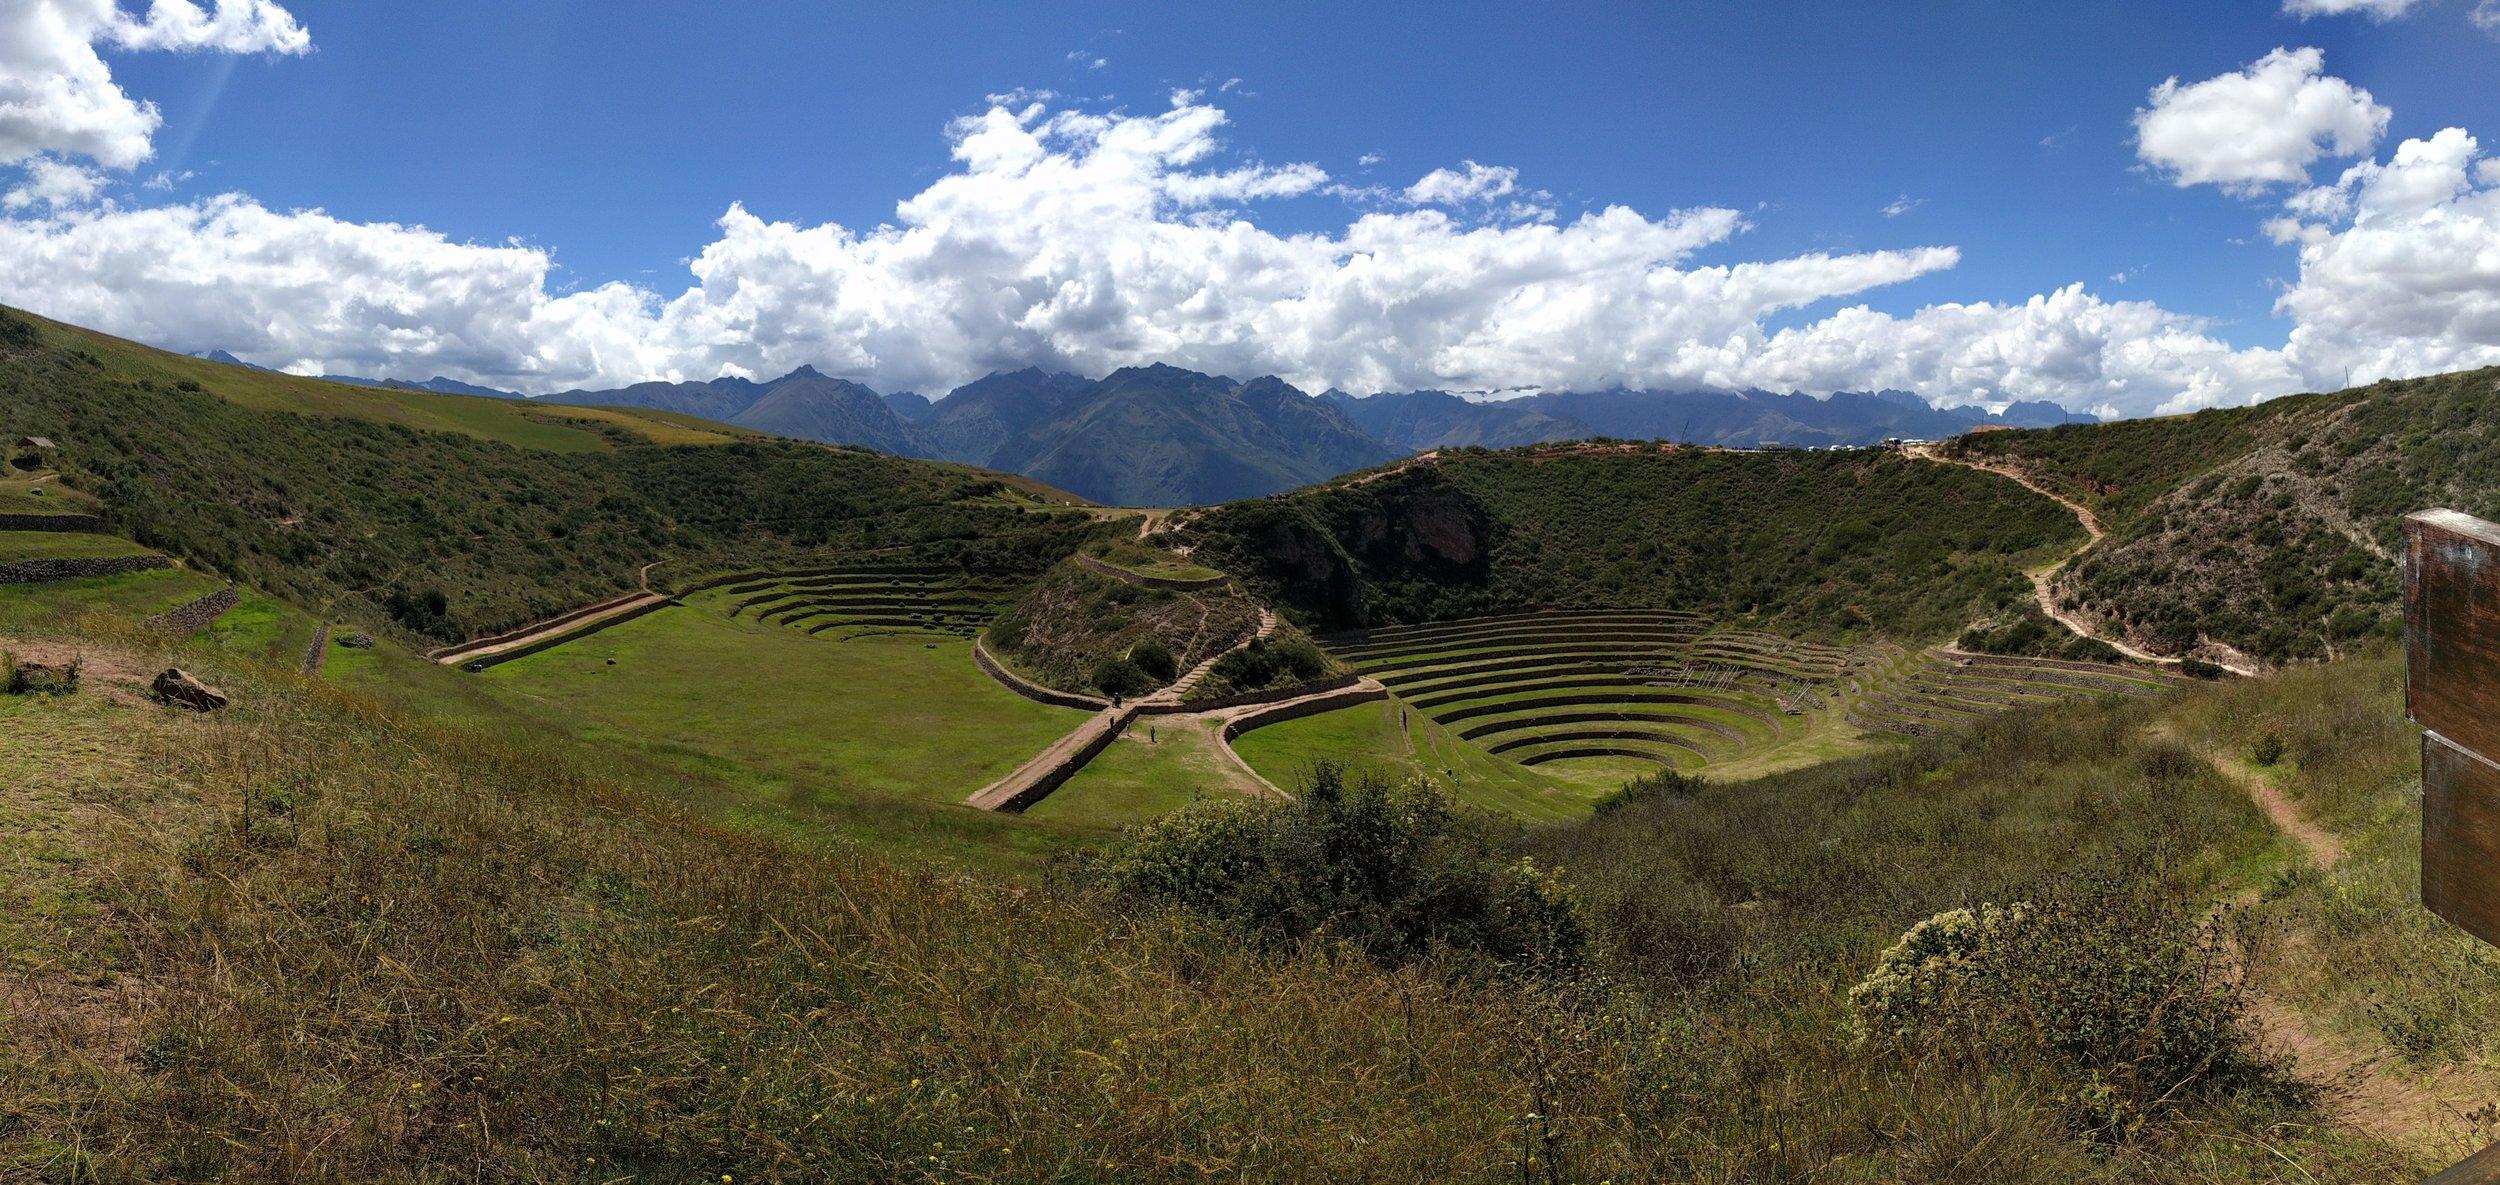 View of the Incan ruins at Moray